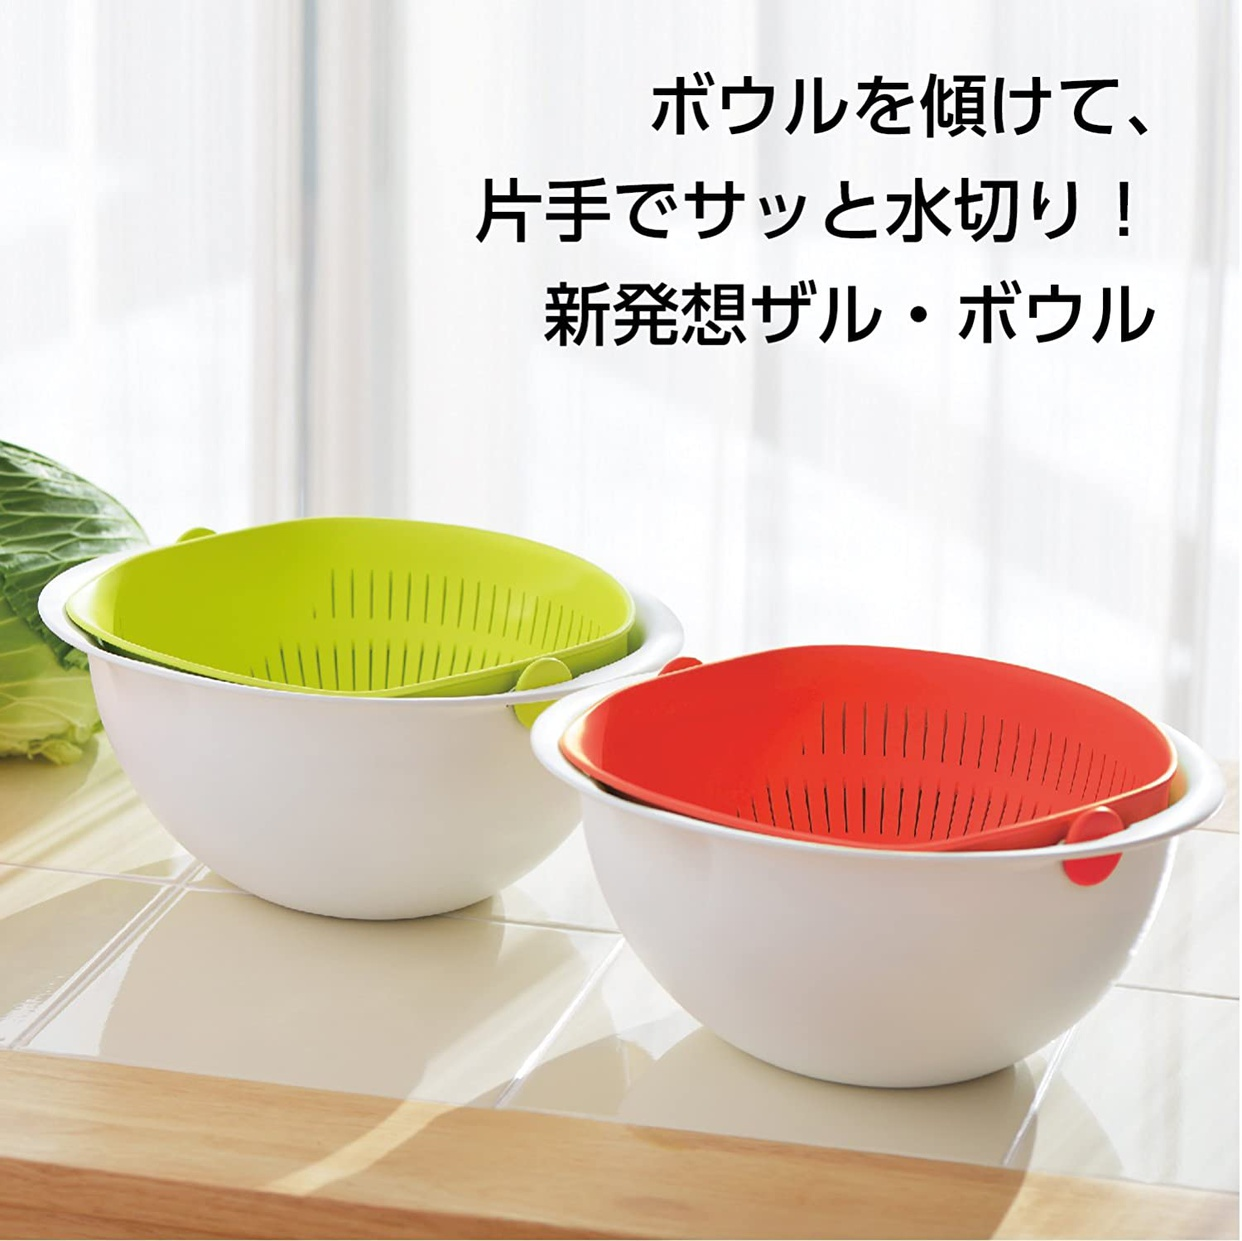 曙産業(AKEBONO) ミラくるザル・ボウル 大の商品画像5